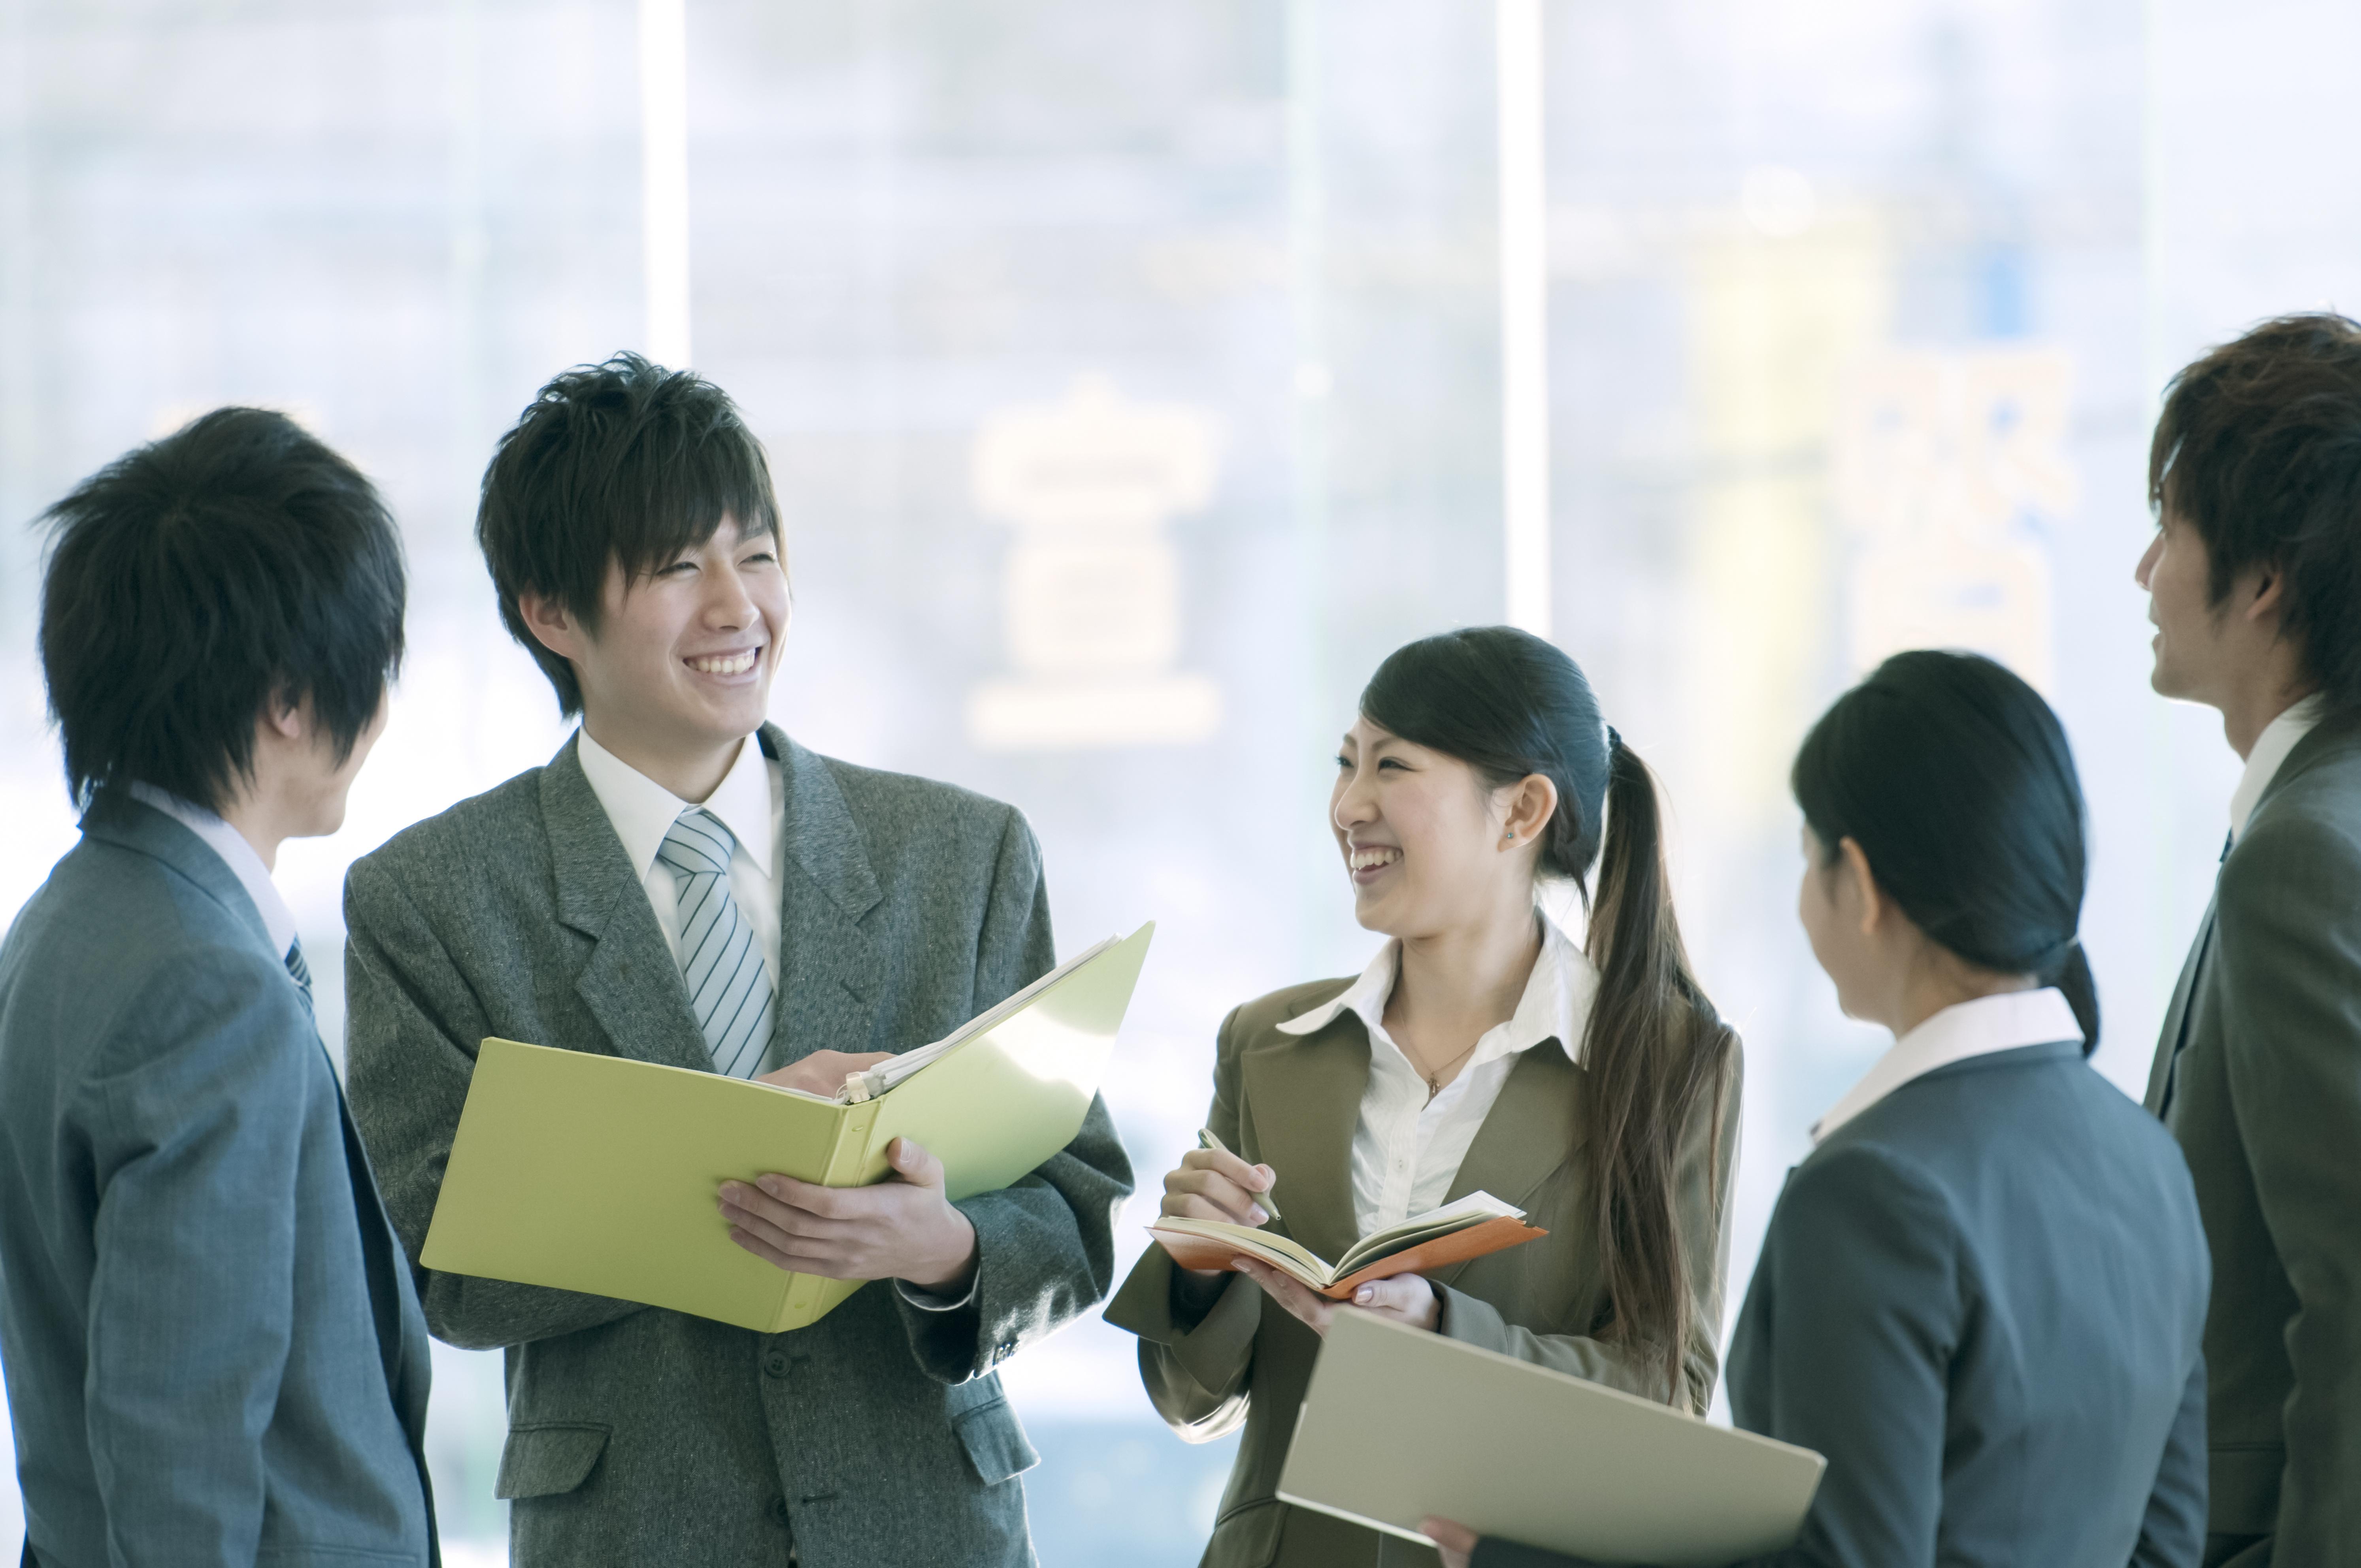 社長や社員と、フラットな立場で事業拡大に取り組んでいきます。